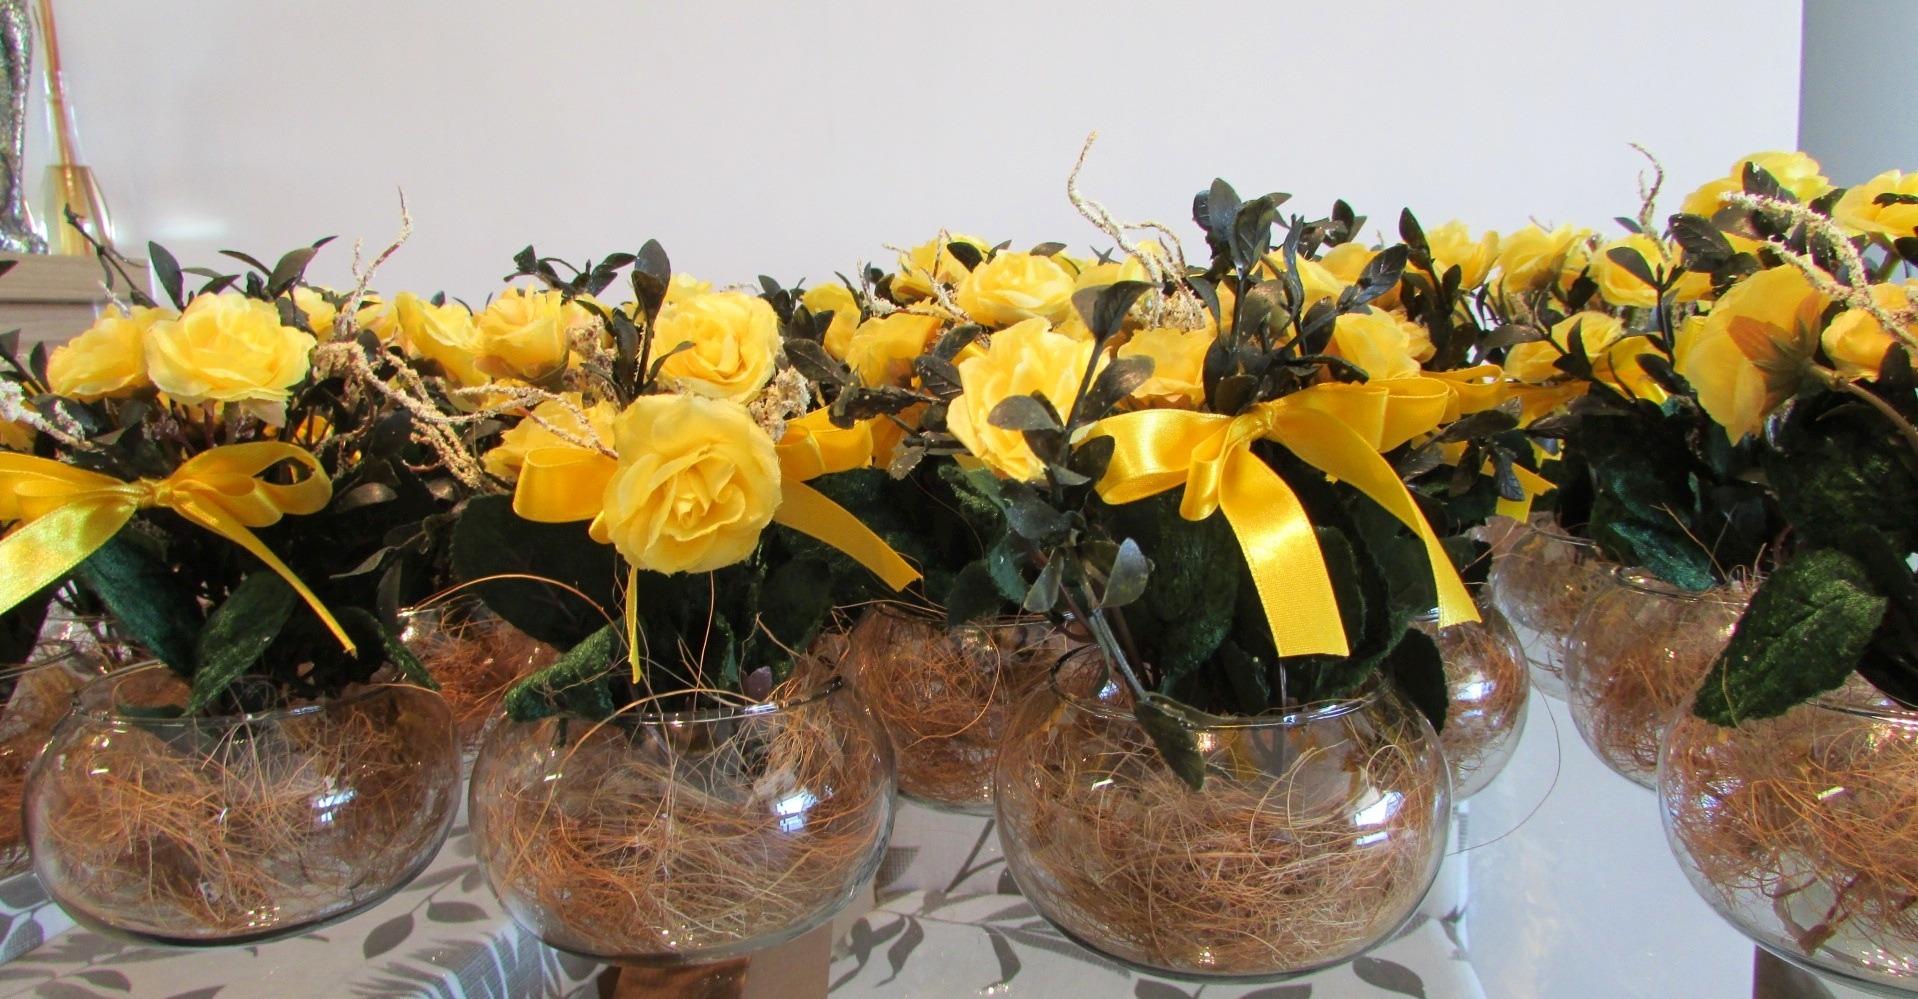 Muito Vaso de vidro com flores amarelas III no Elo7 | Rosamorena Artes  EJ75